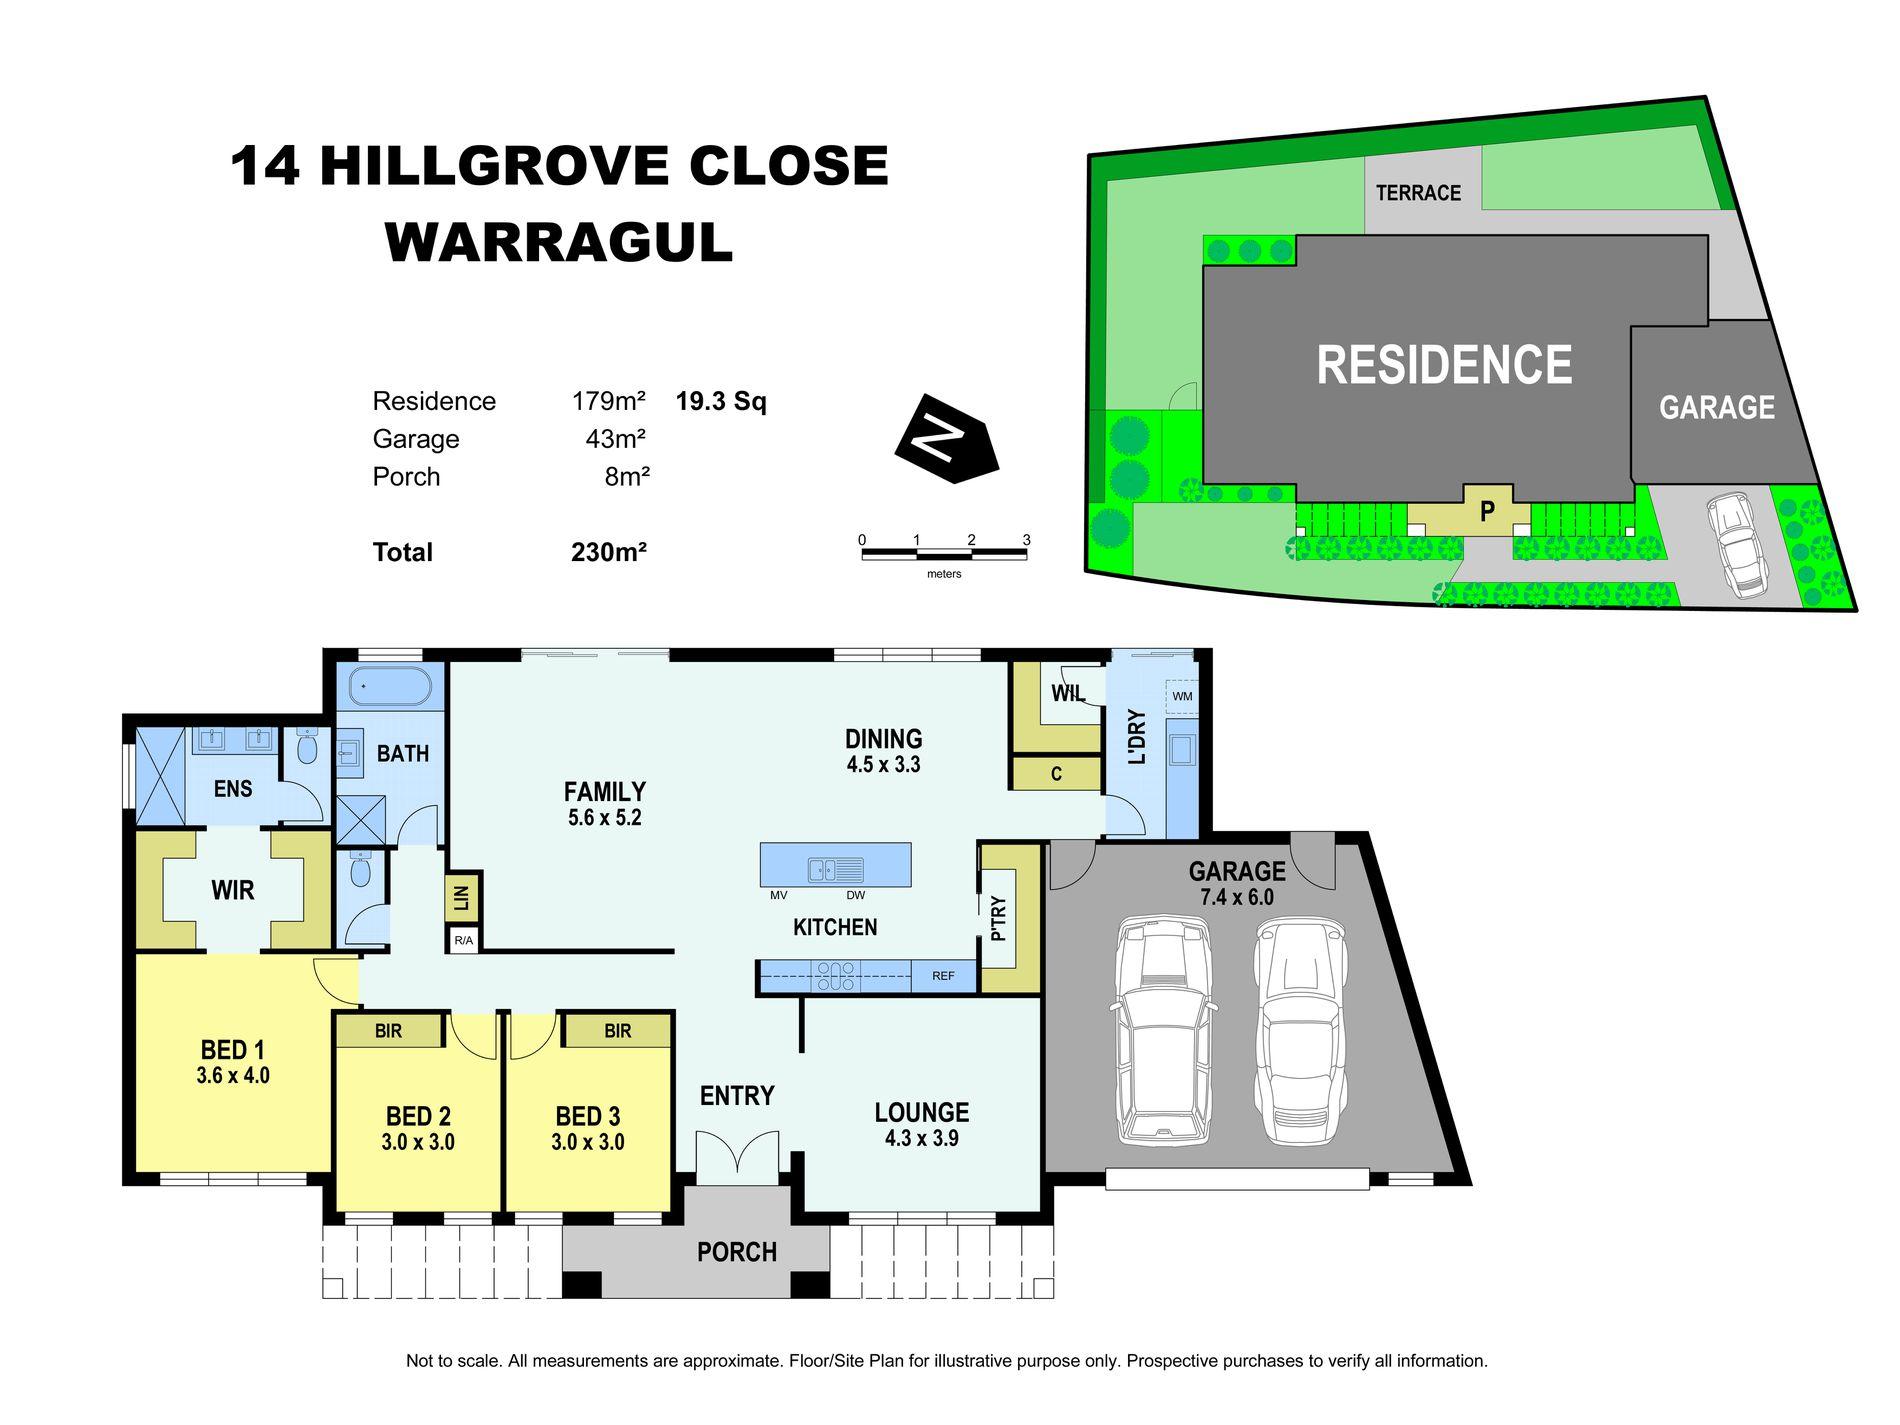 14 Hillgrove Close, Warragul